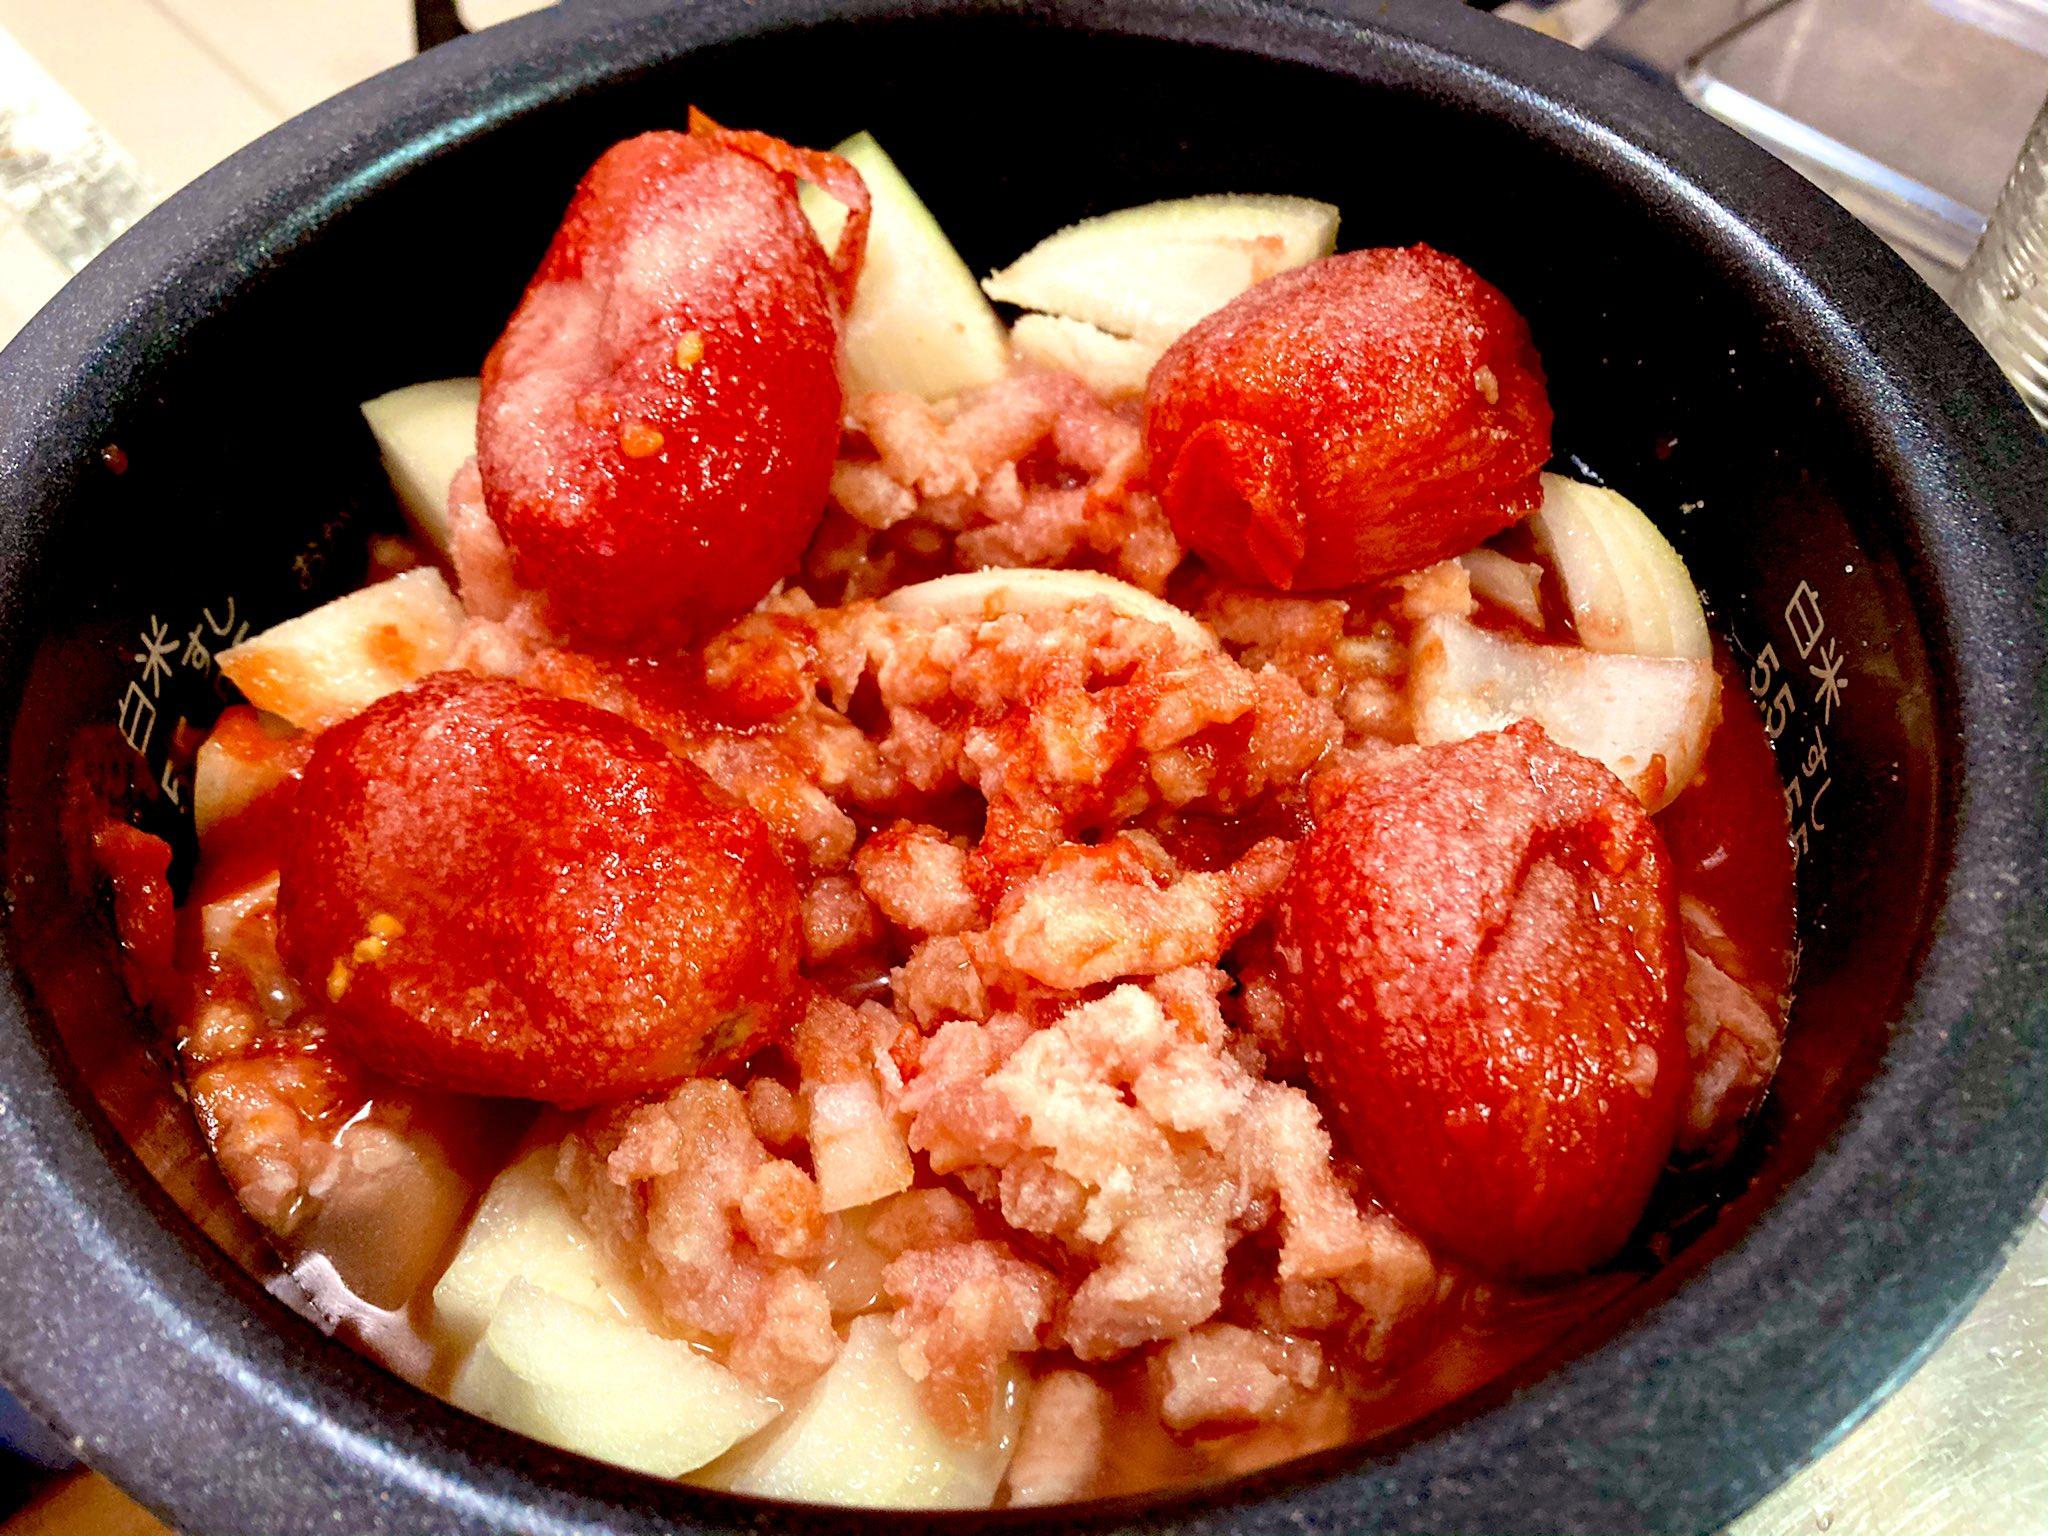 材料を入れる・トマト缶はホールトマトの物を使用